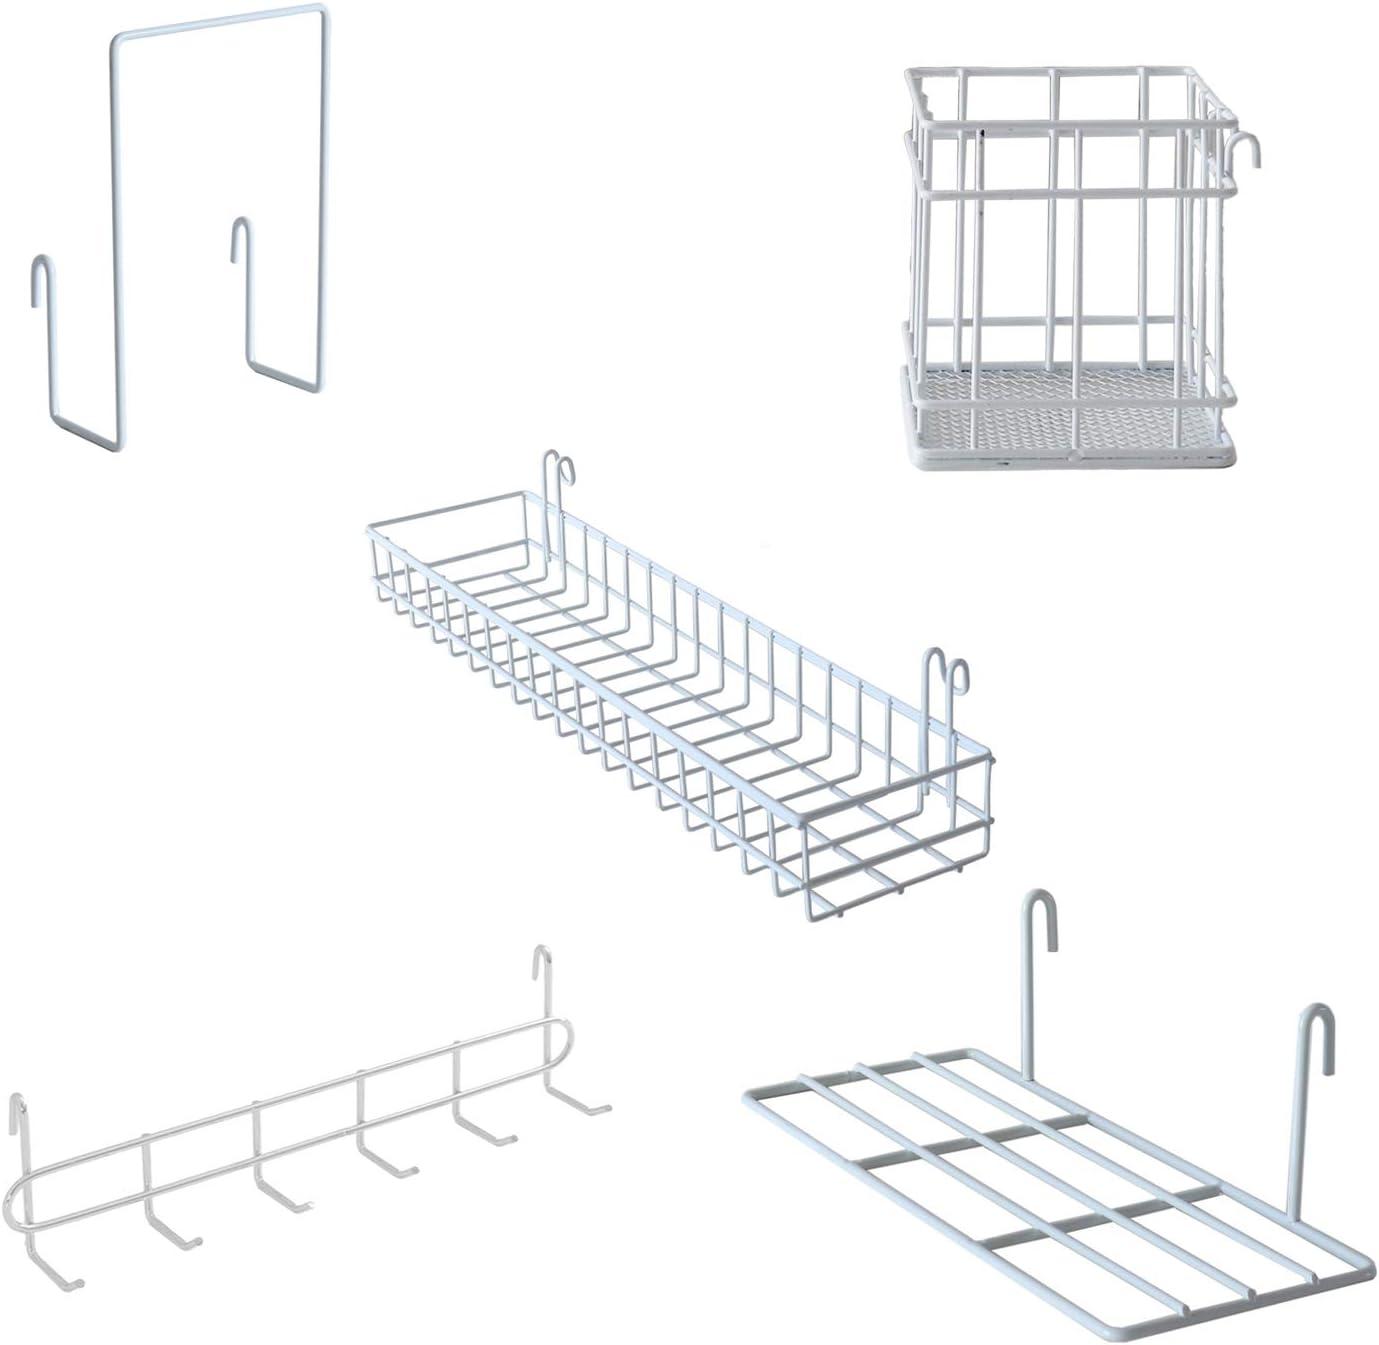 JOVONE Wall Grid Panel Basket Display Hooks Max 87% OFF Holder Pen Weekly update Shelf Rac